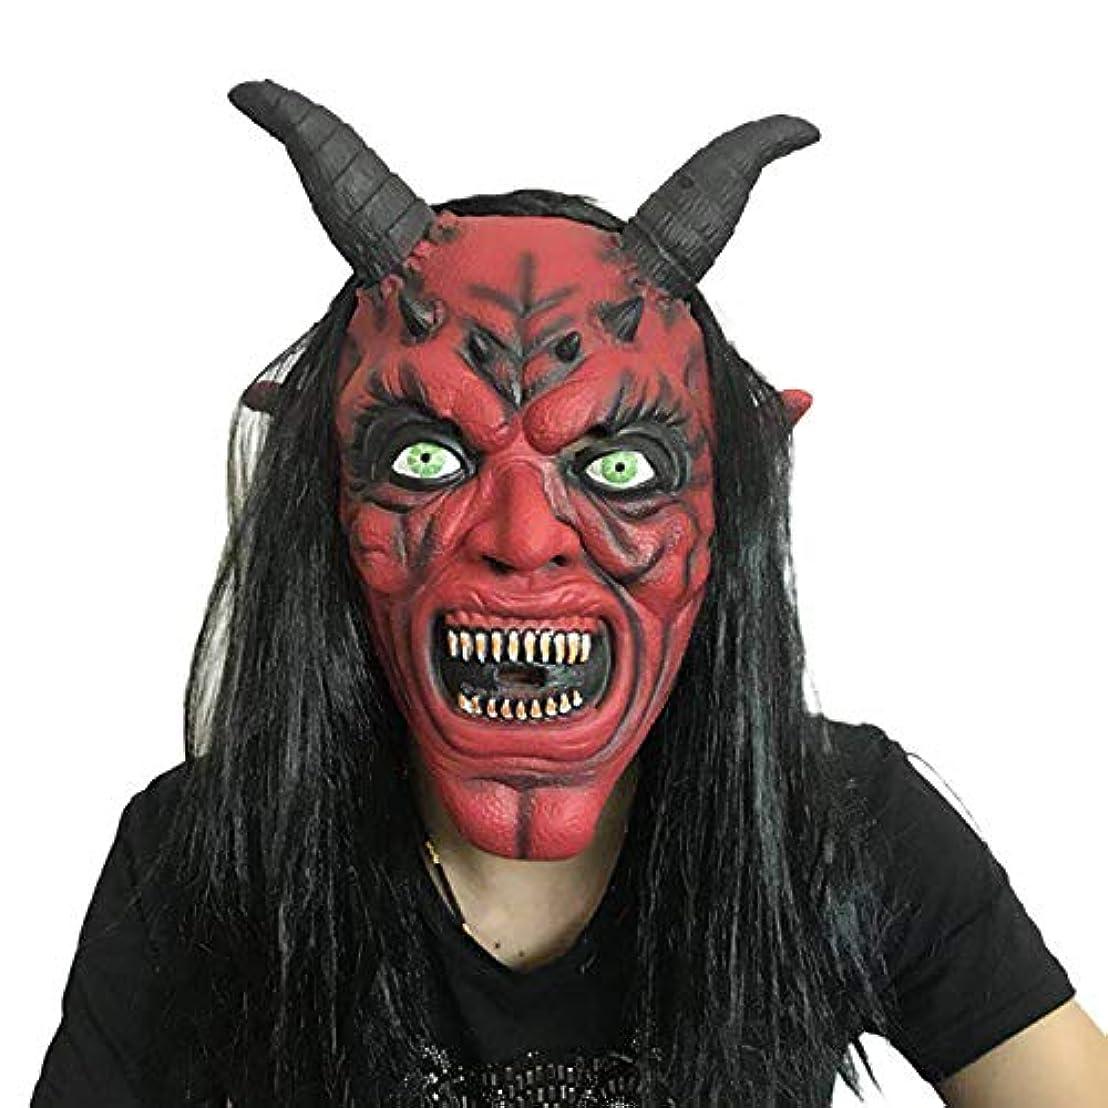 剥離祈るスワップ長い髪赤い顔ホーンマスク恐ろしい悪魔は赤目白髪ショーの小道具のハロウィーン怖いセットをマスク